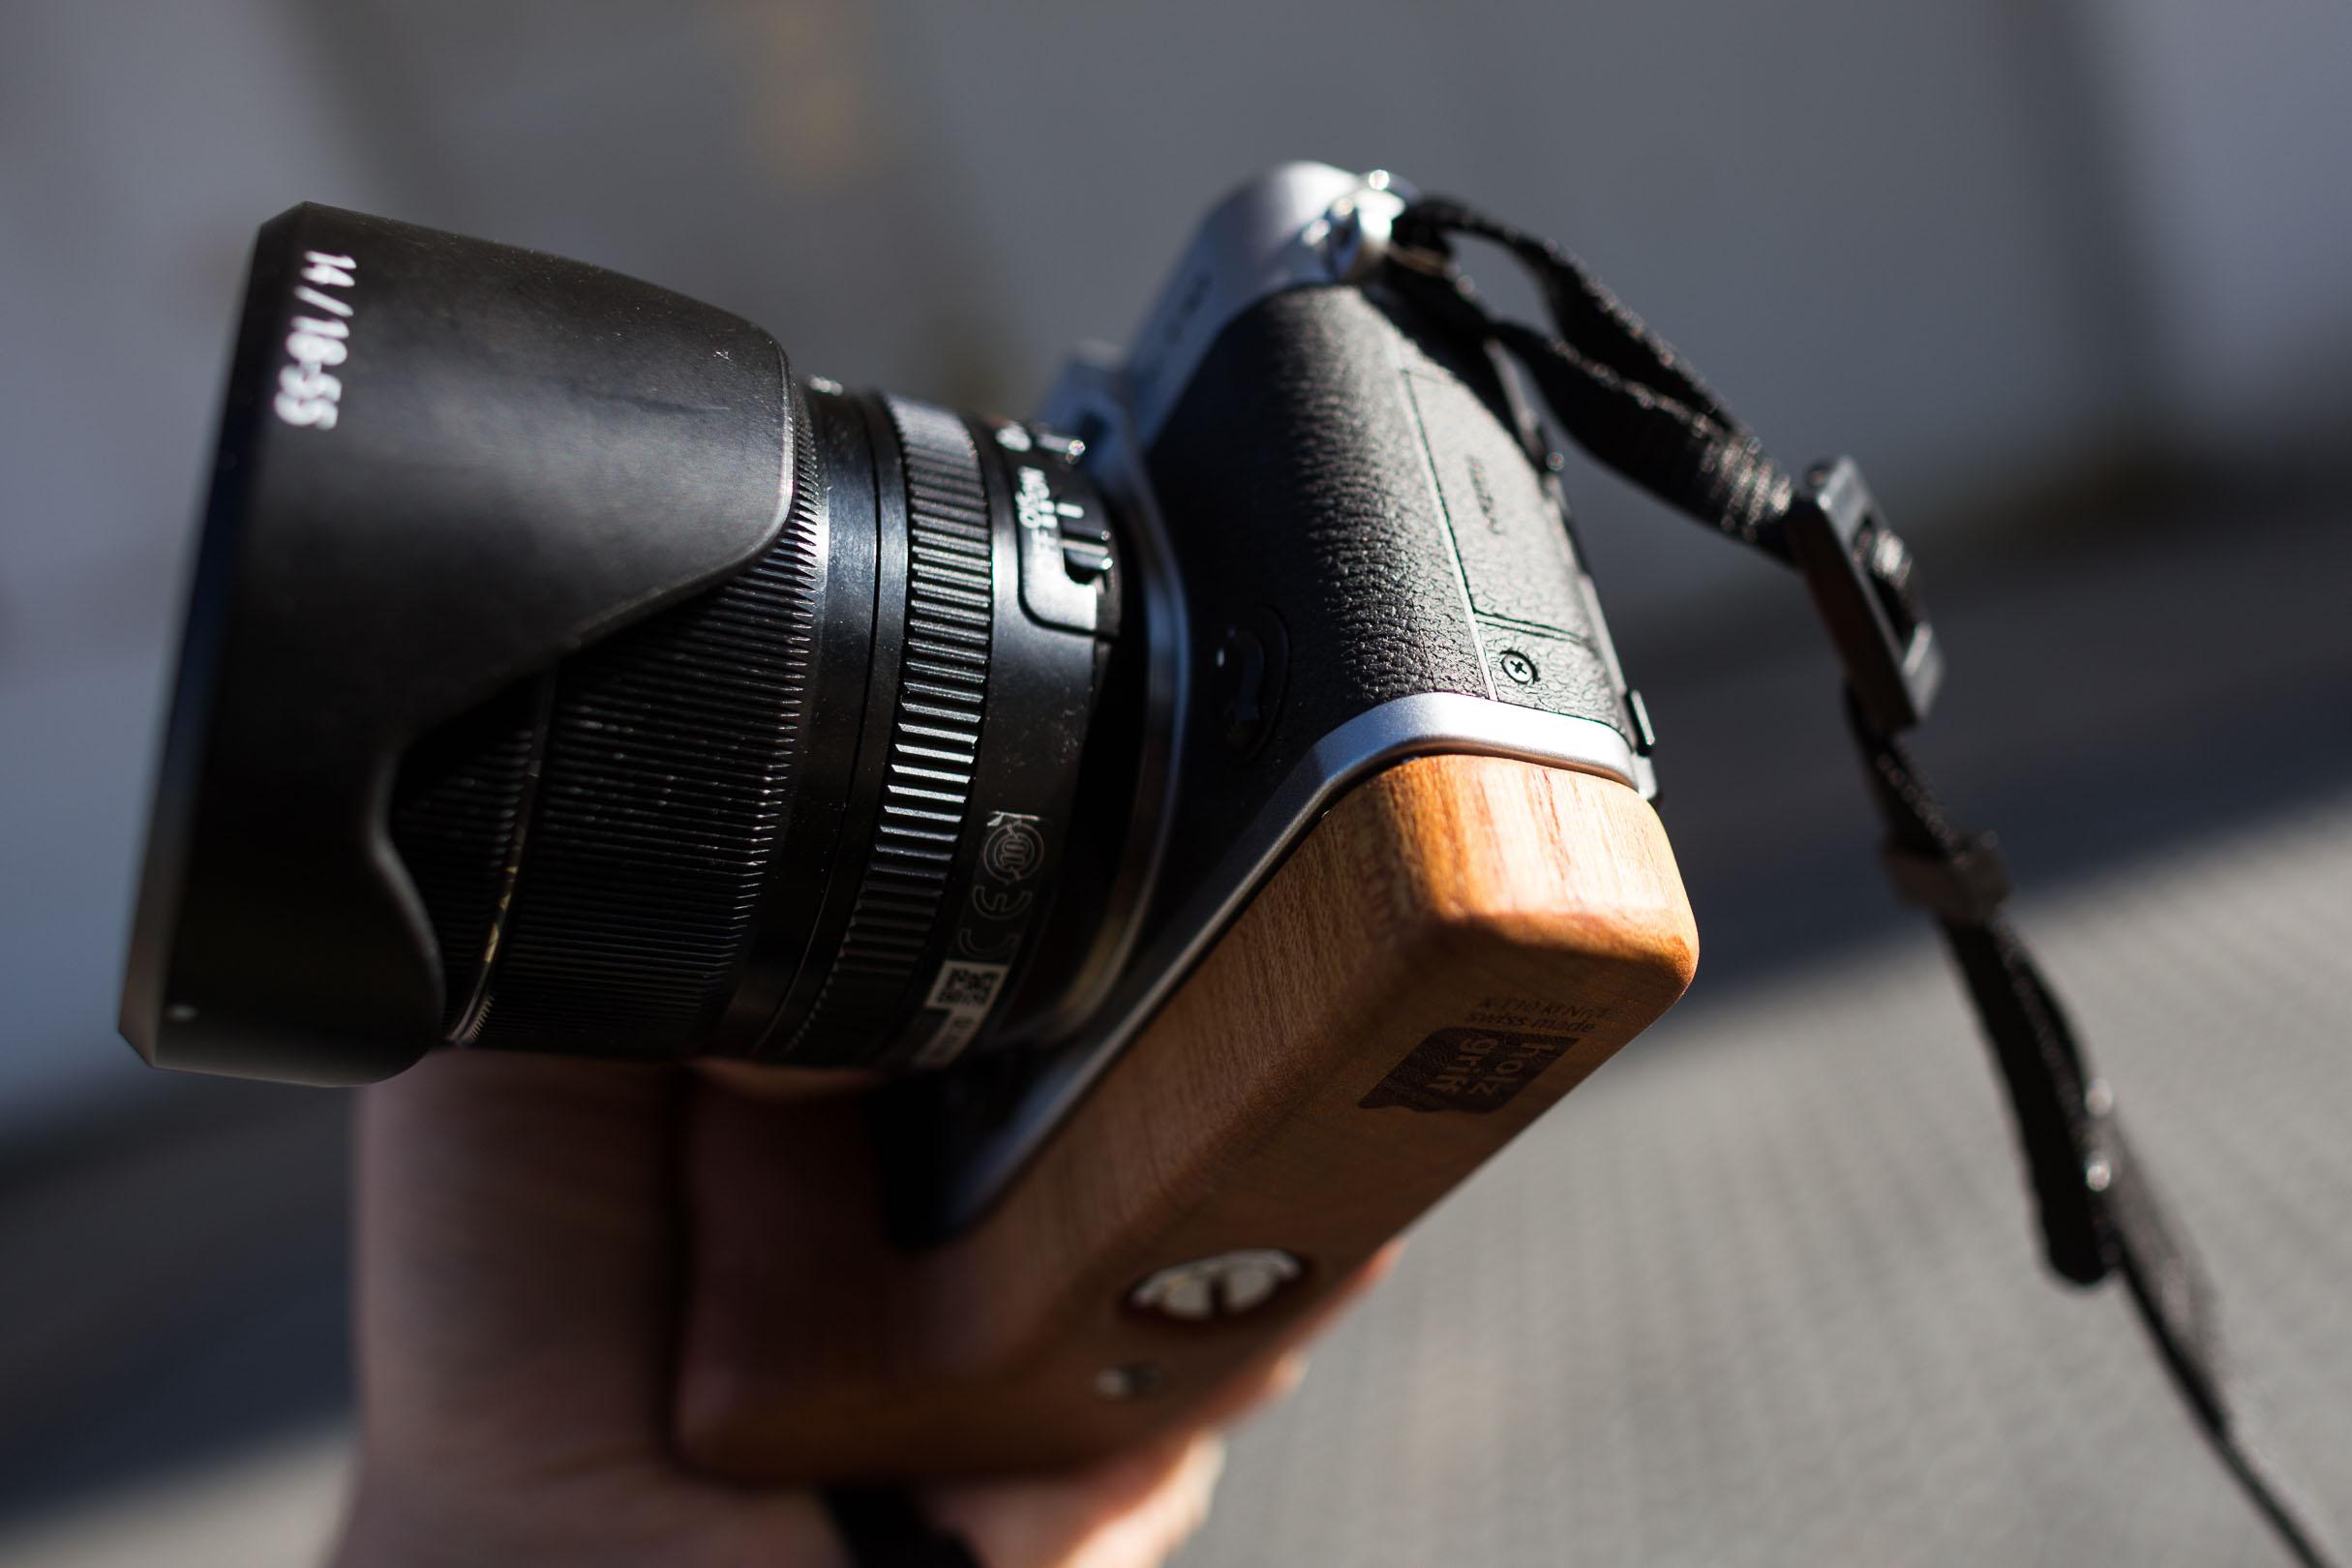 Holz-Kameragriff